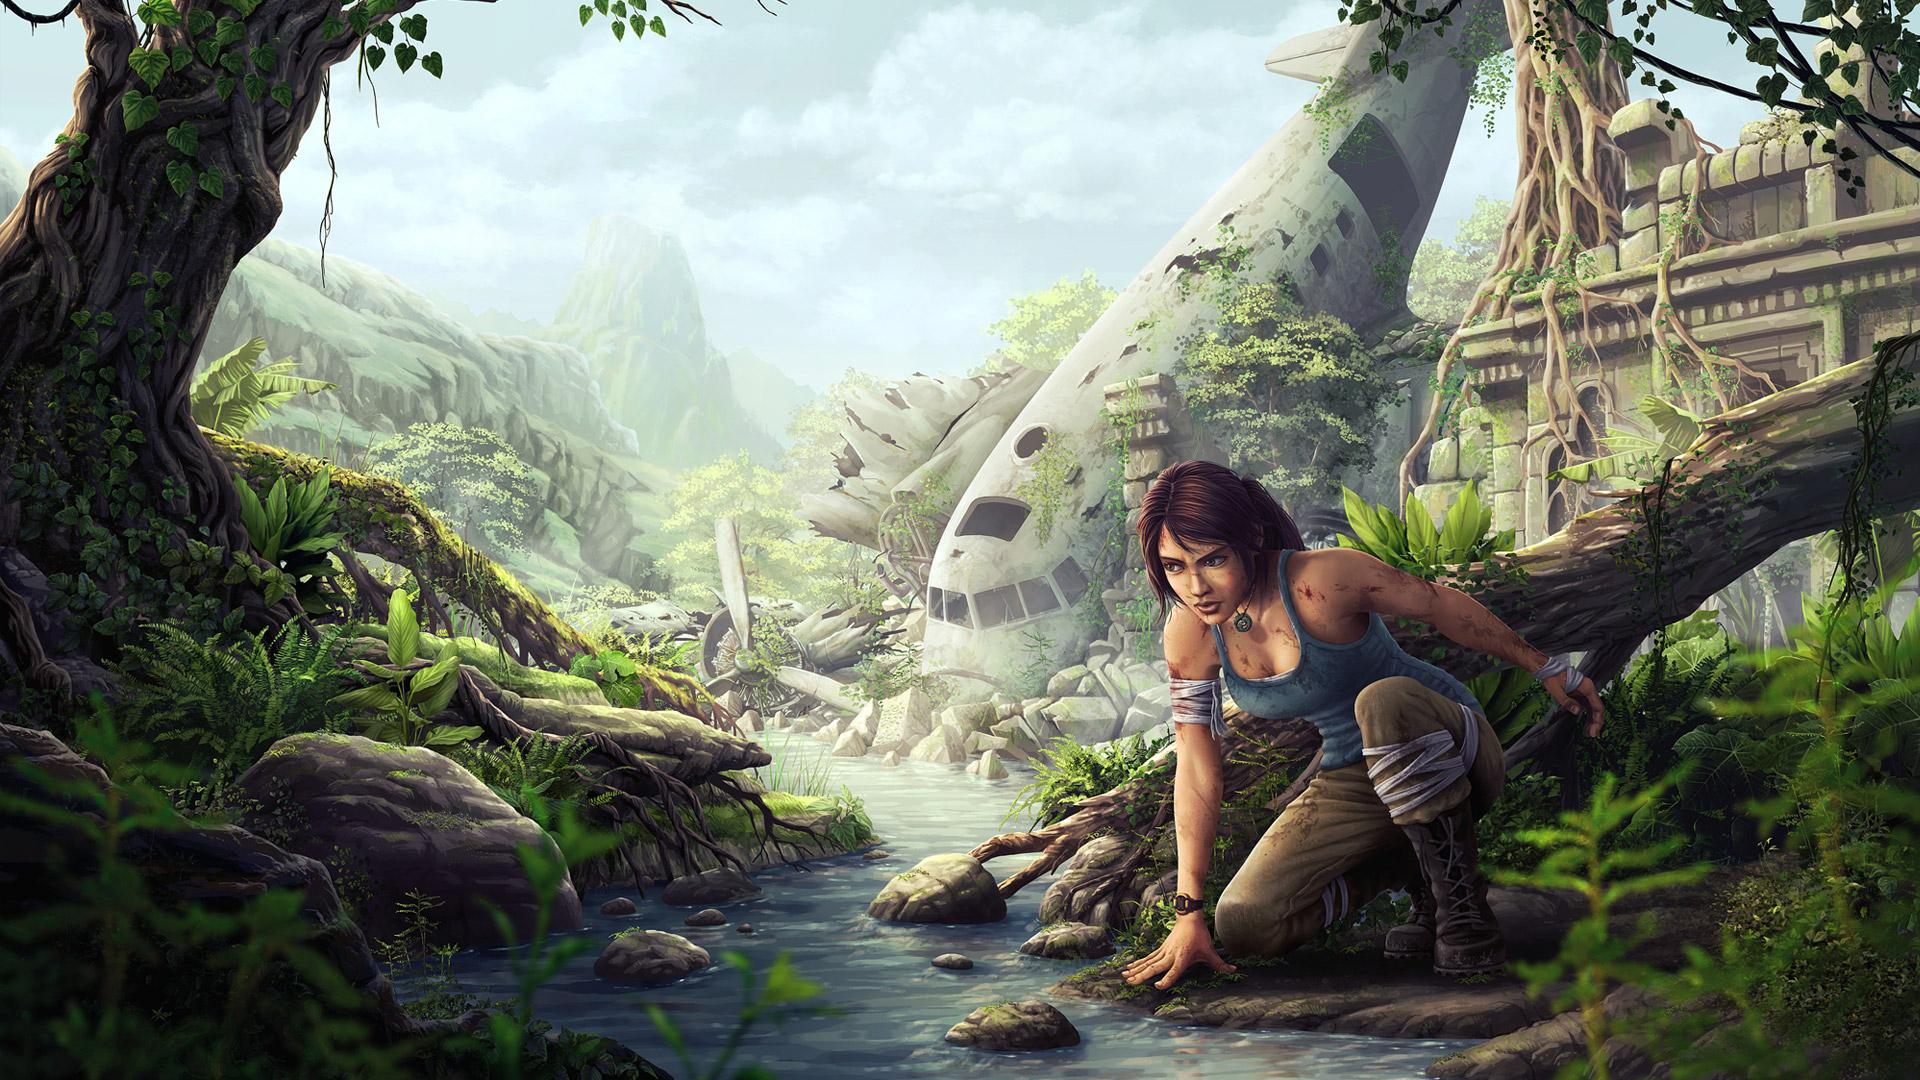 Tomb Raider Wallpaper in 1920x1080 1920x1080